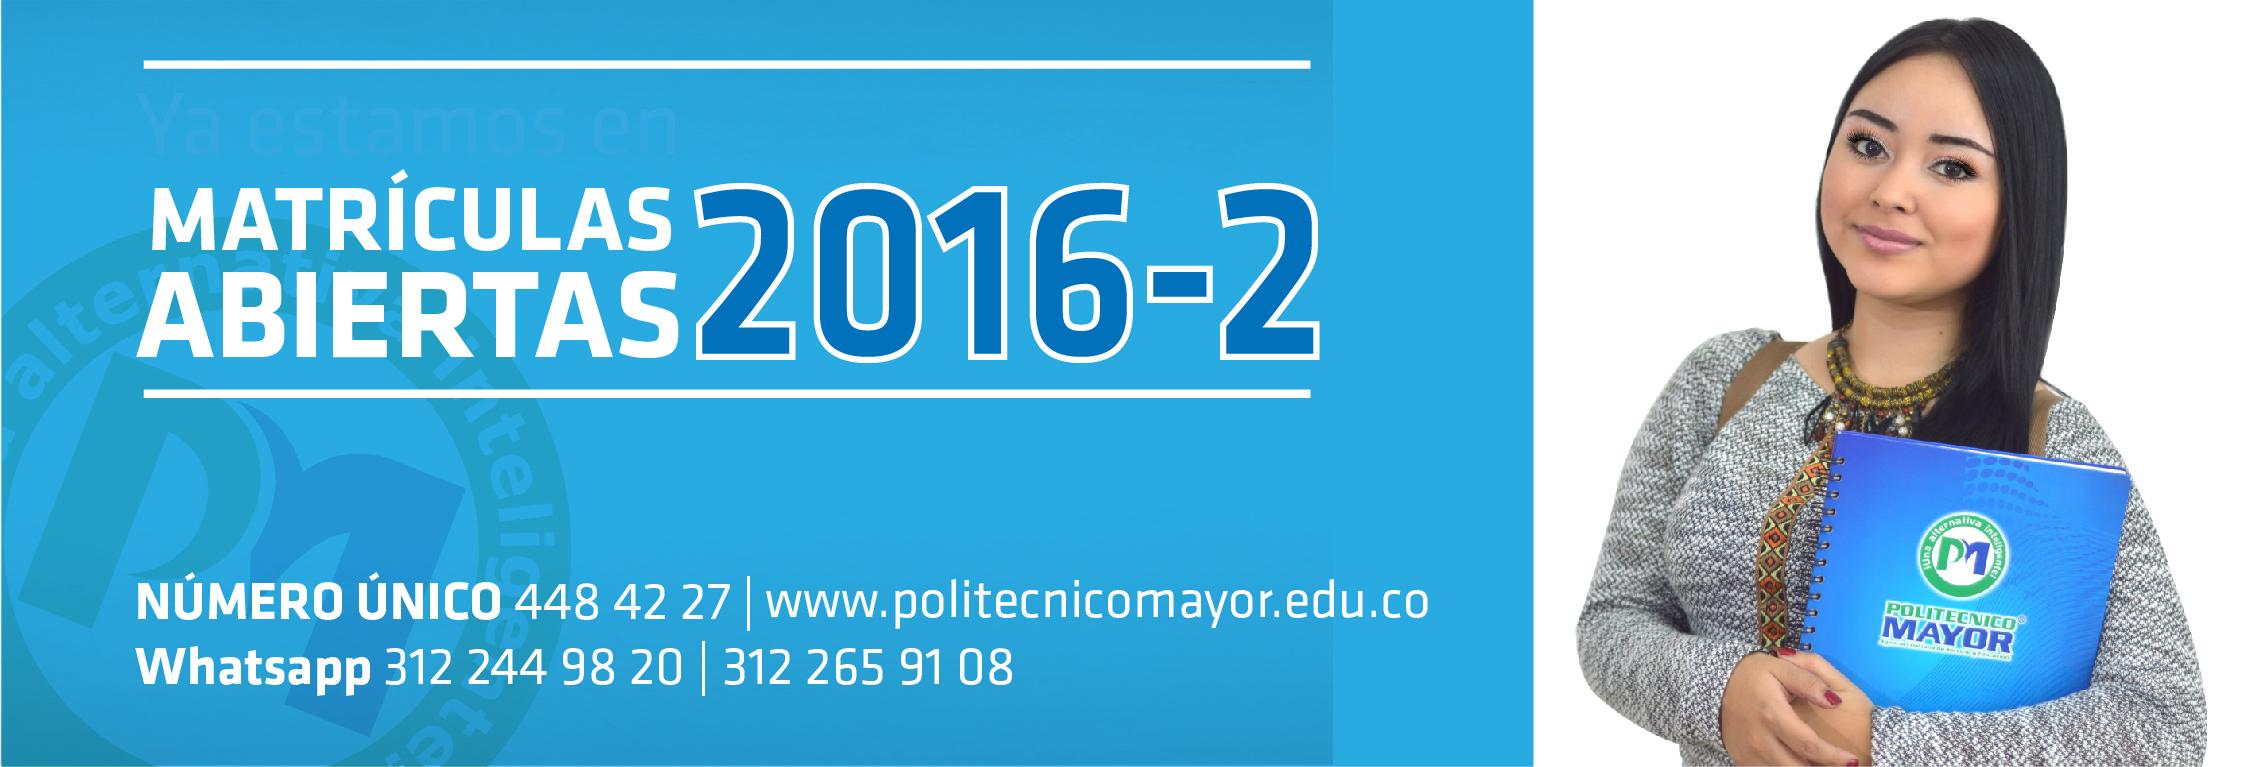 matriculas-2016-2-01